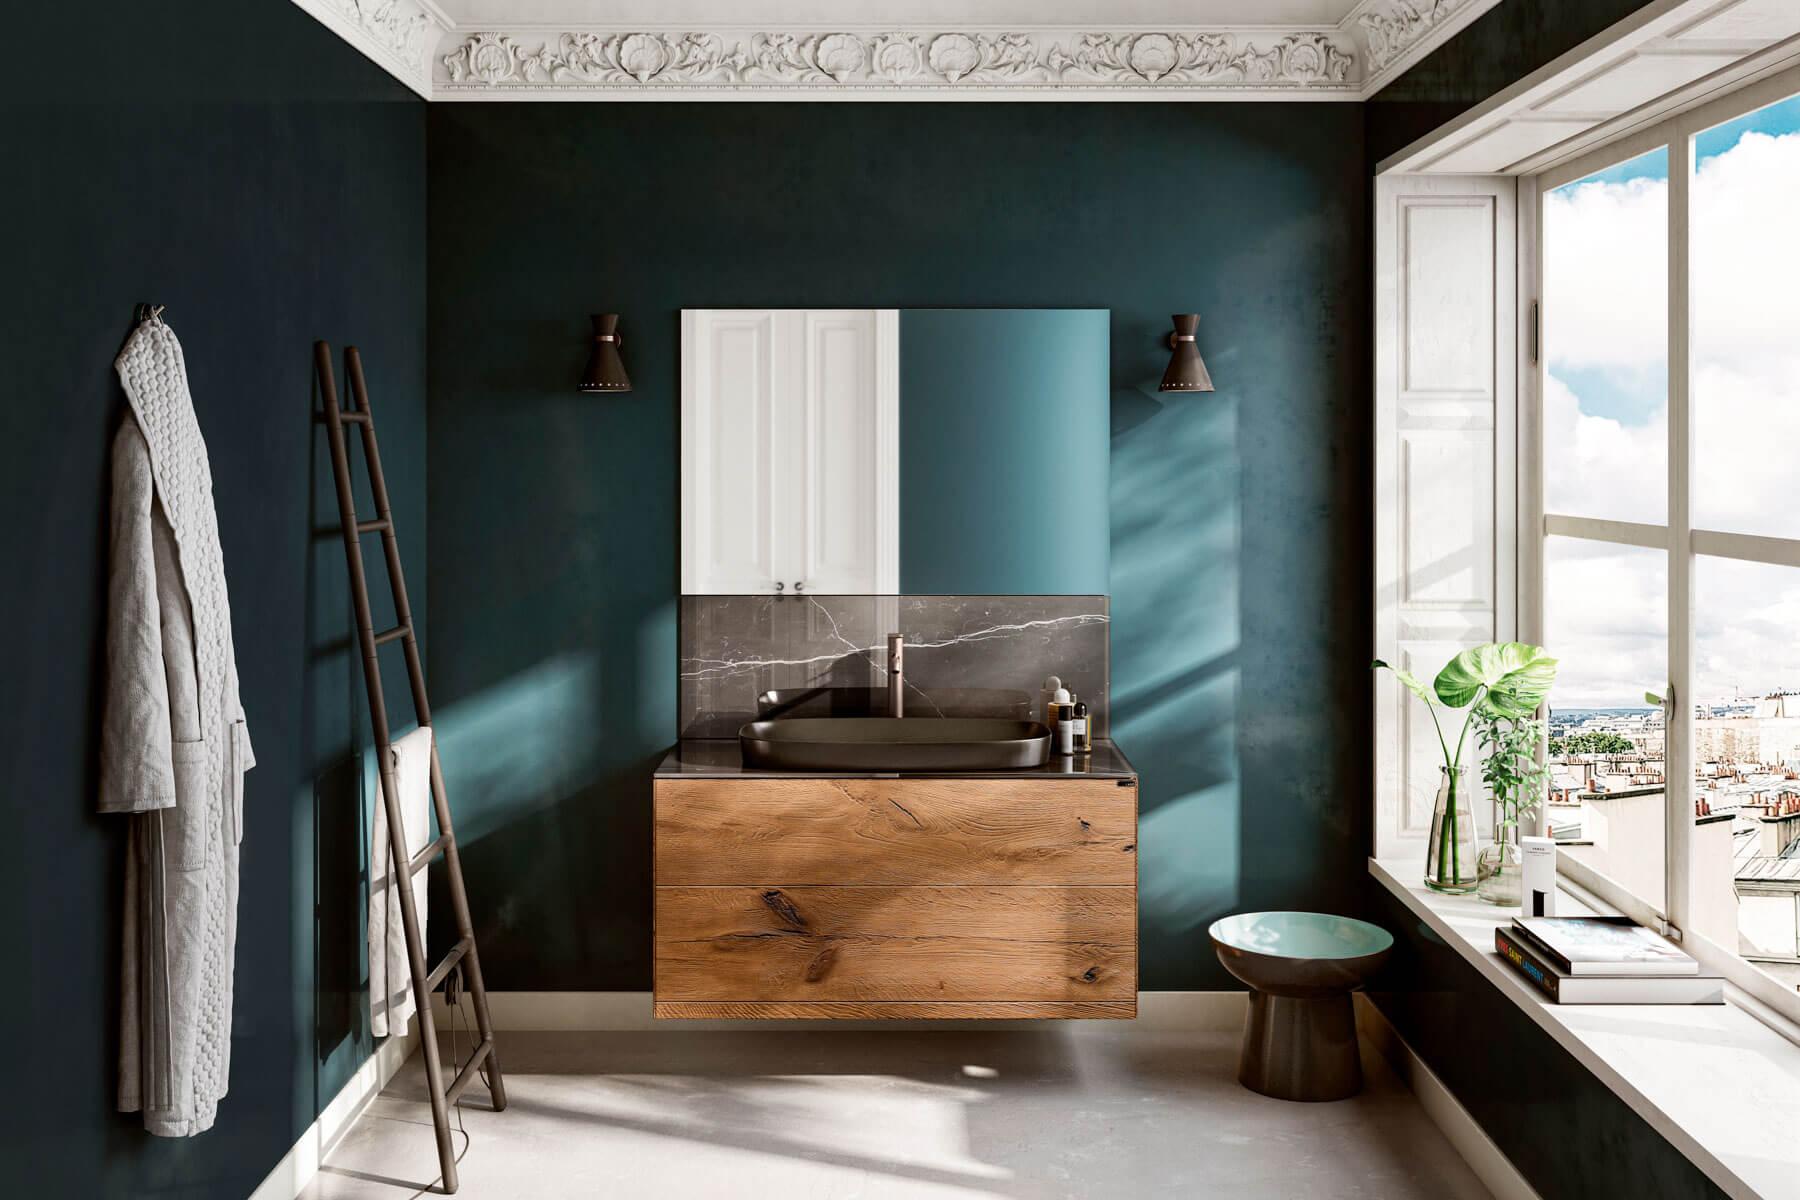 bagno kera basin mobile